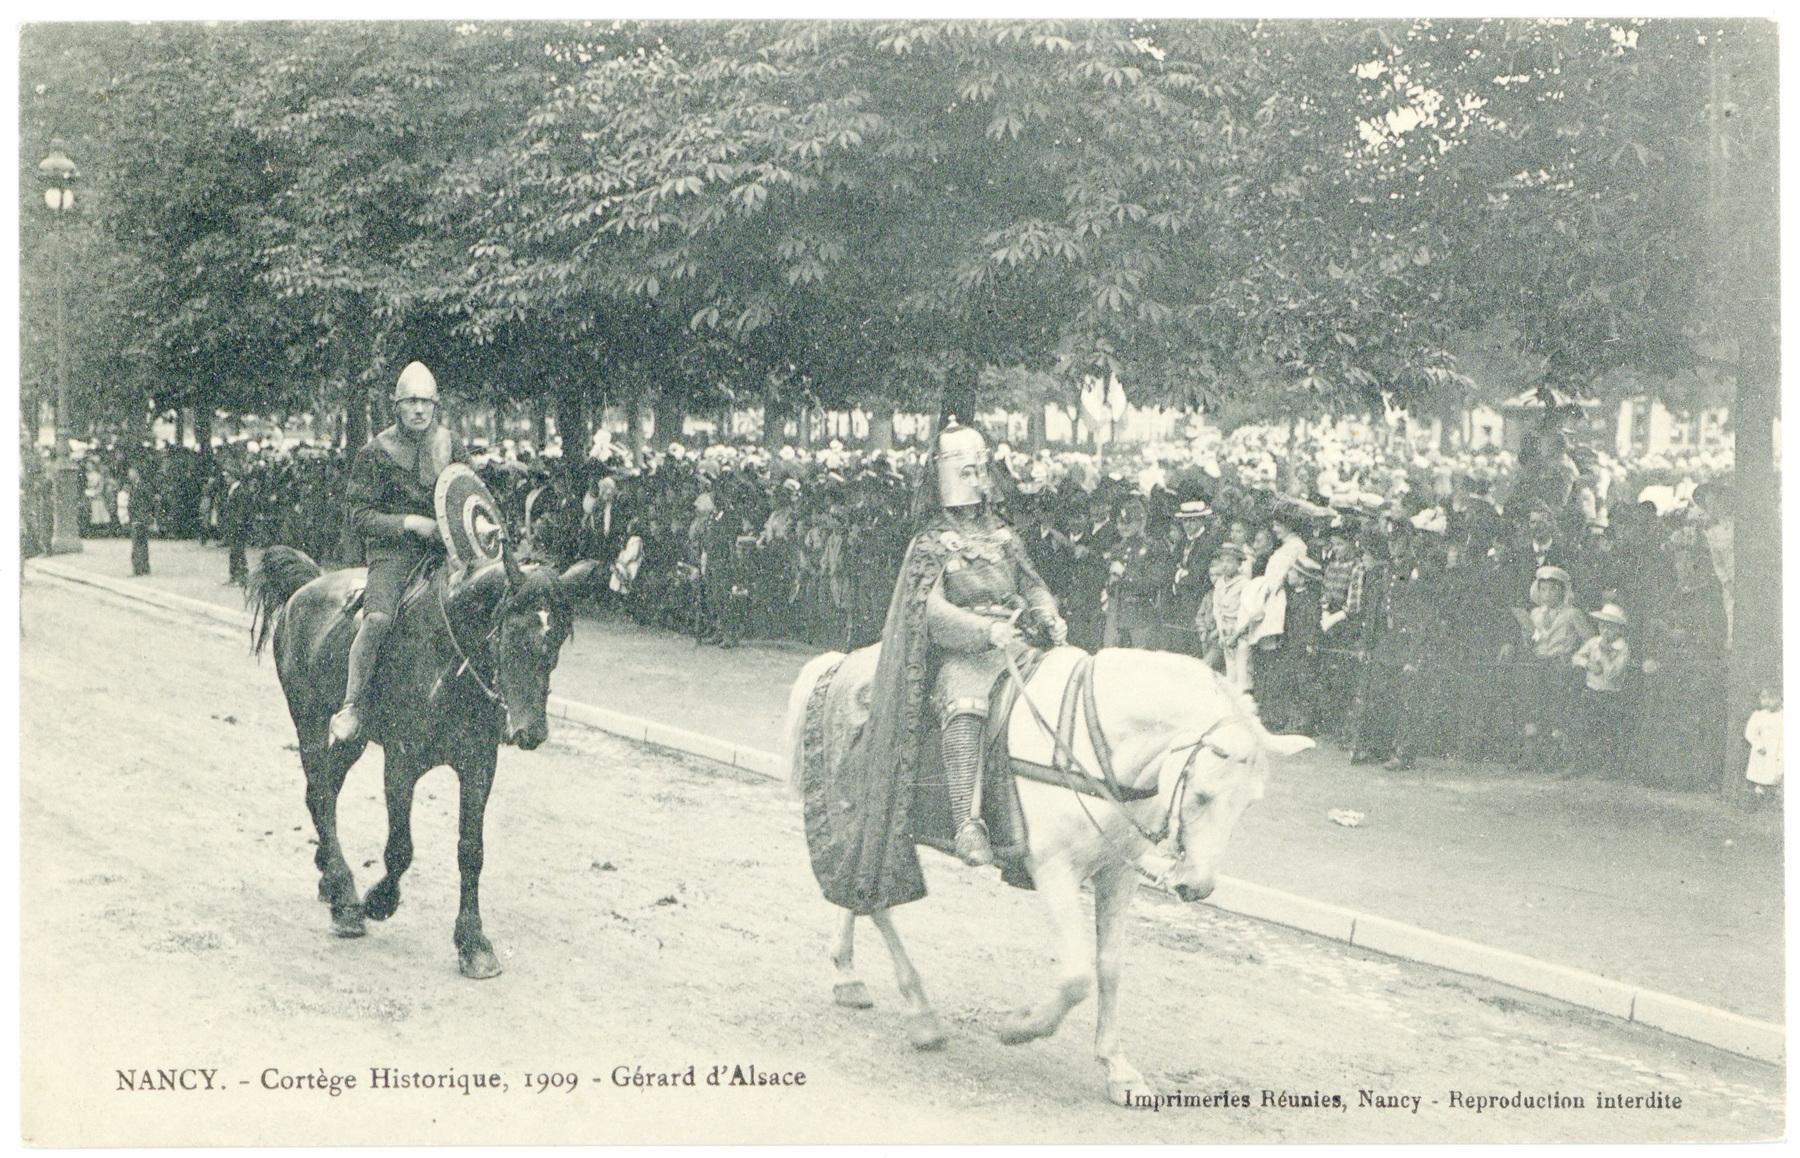 Contenu du Gérard d'Alsace  Nancy. - Cortège Historique, 1909